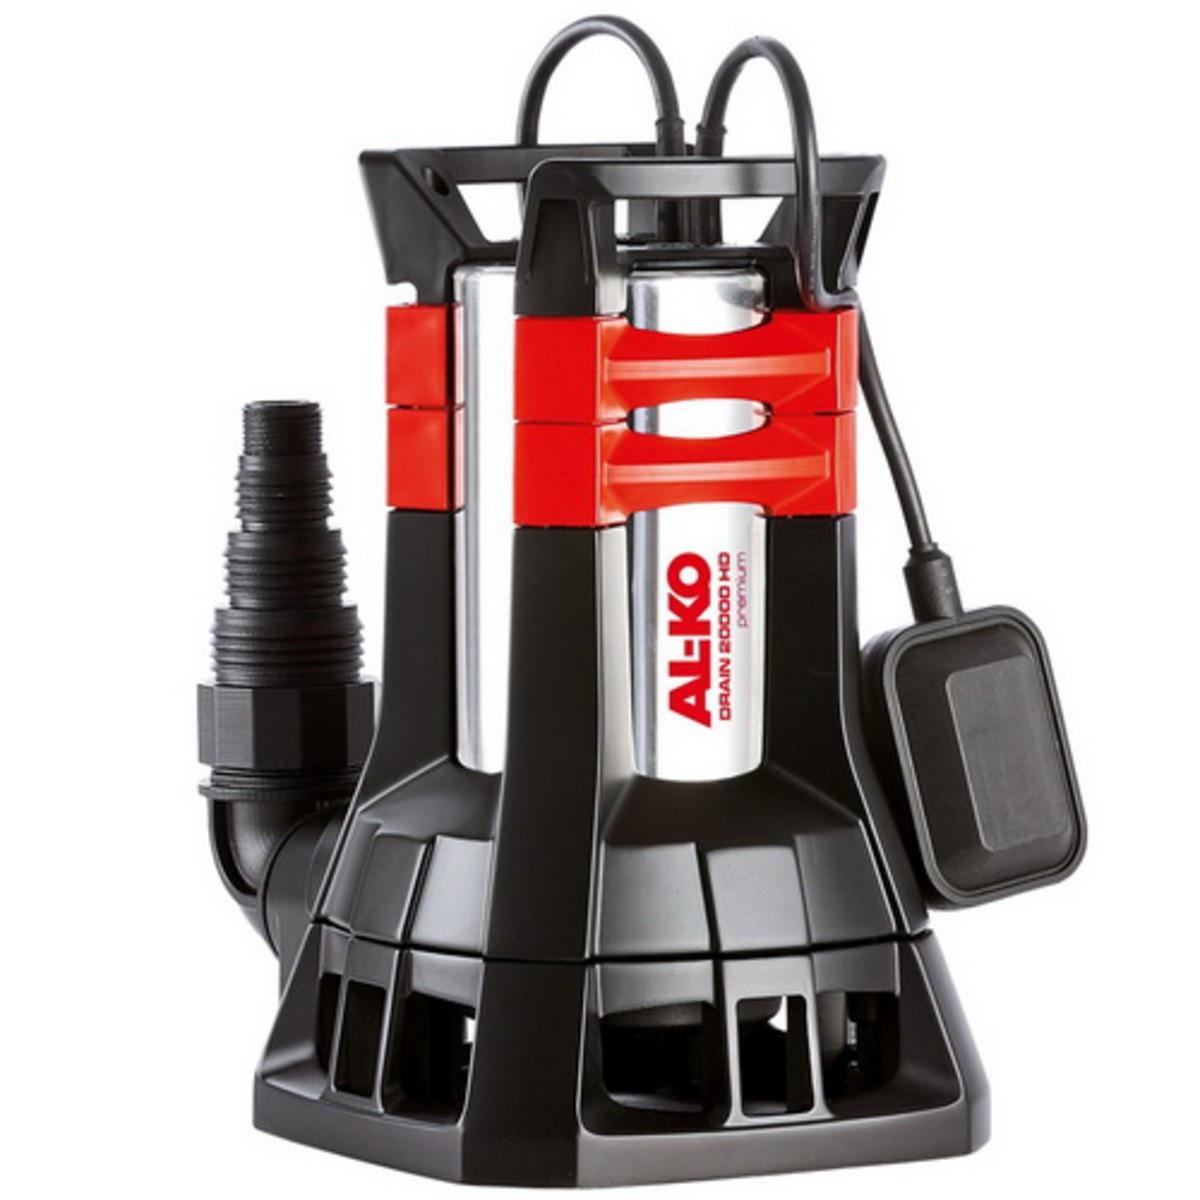 Погружной насос для брудної води AL-KO Drain 20000 HD Premium Inox